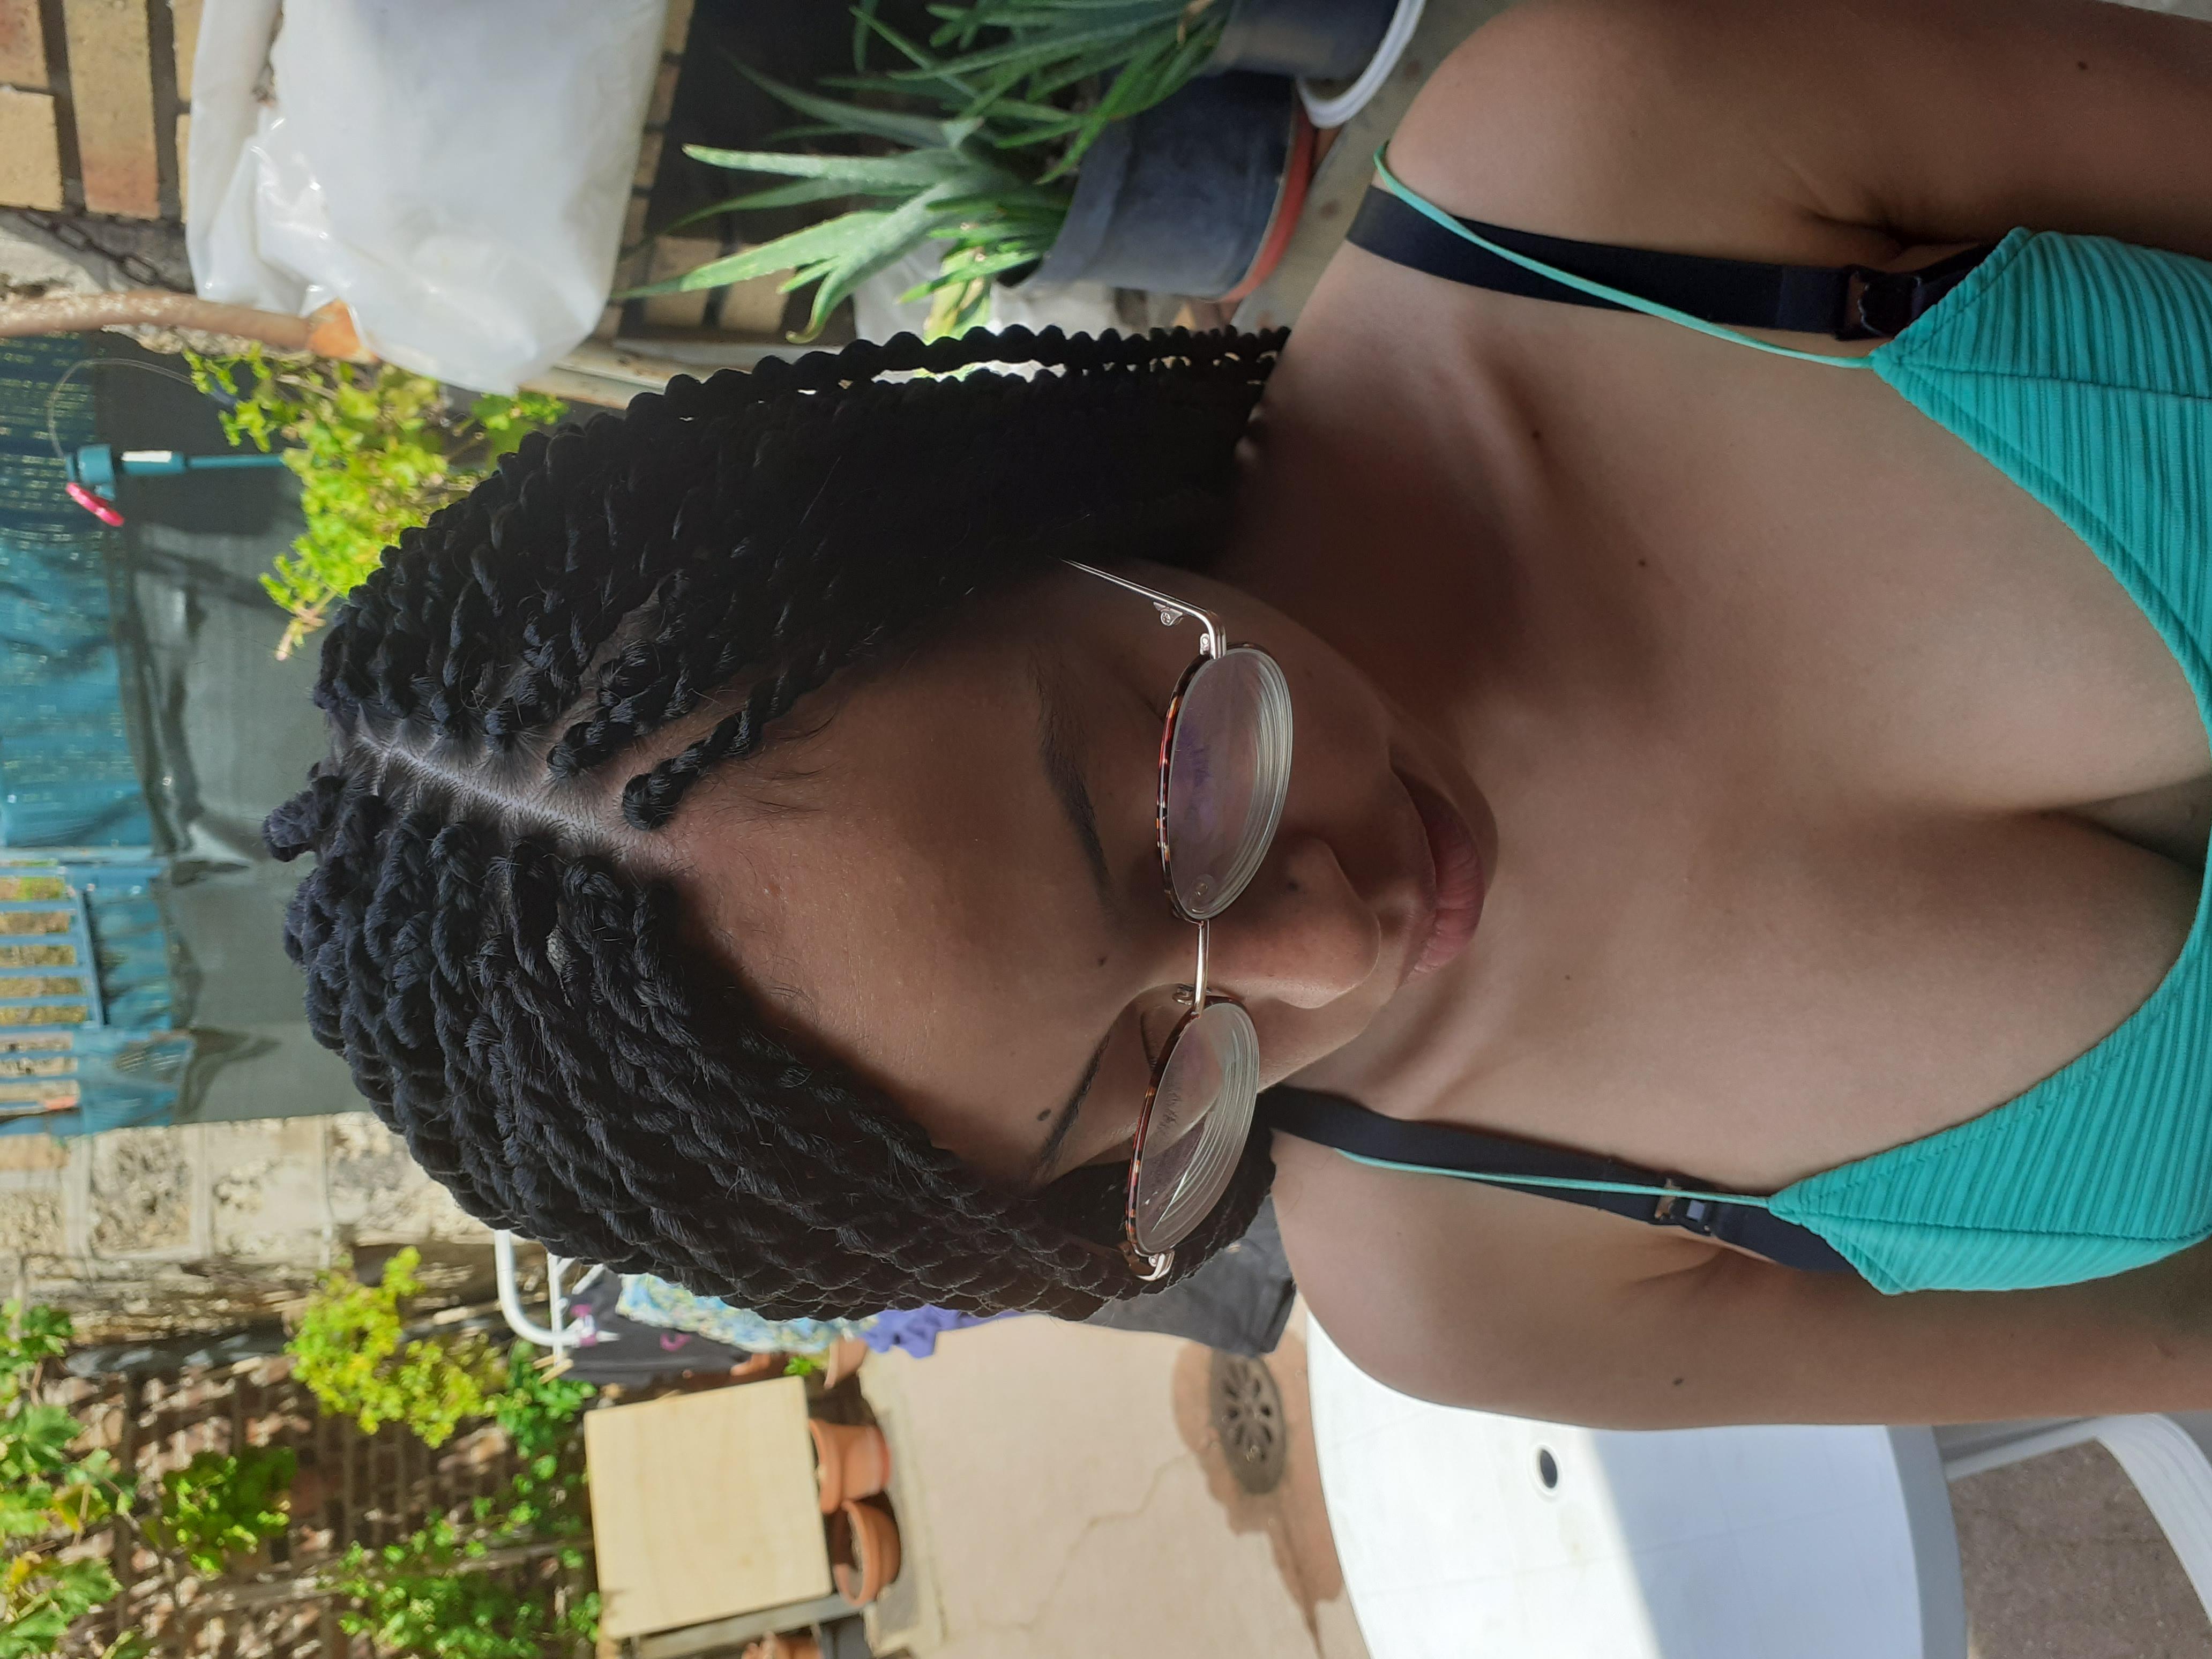 salon de coiffure afro tresse tresses box braids crochet braids vanilles tissages paris 75 77 78 91 92 93 94 95 XWEJTPLJ